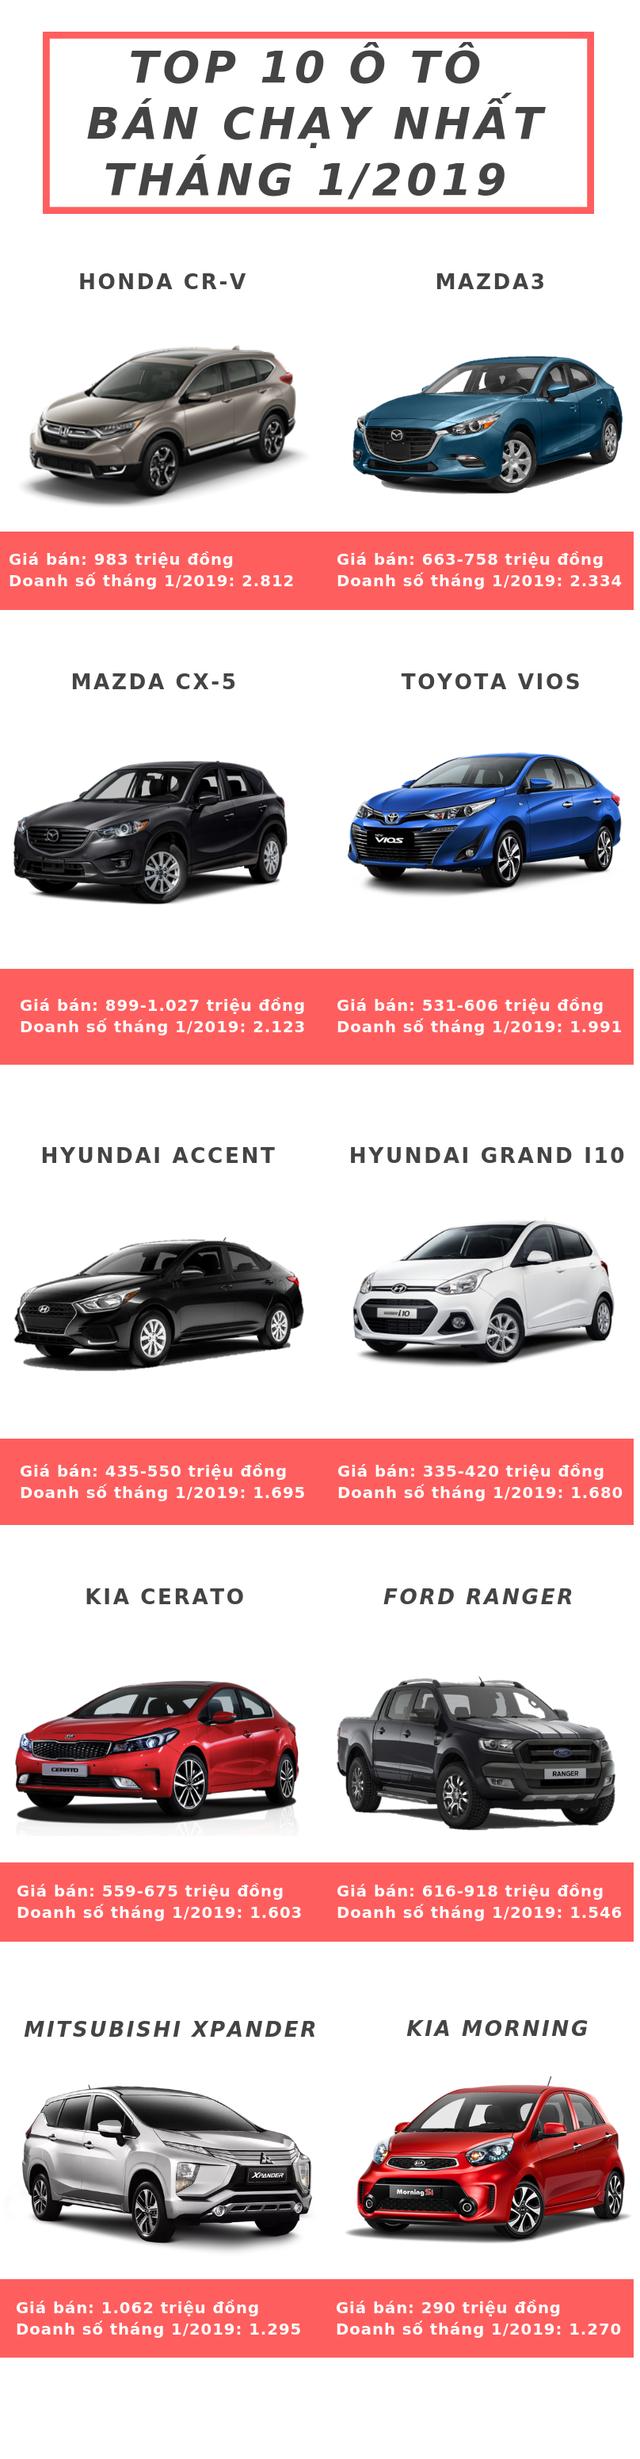 Thị trường ô tô biến động mạnh đầu năm 2019,  Honda CR-V bất ngờ soán ngôi vua doanh số của Vios - Ảnh 1.